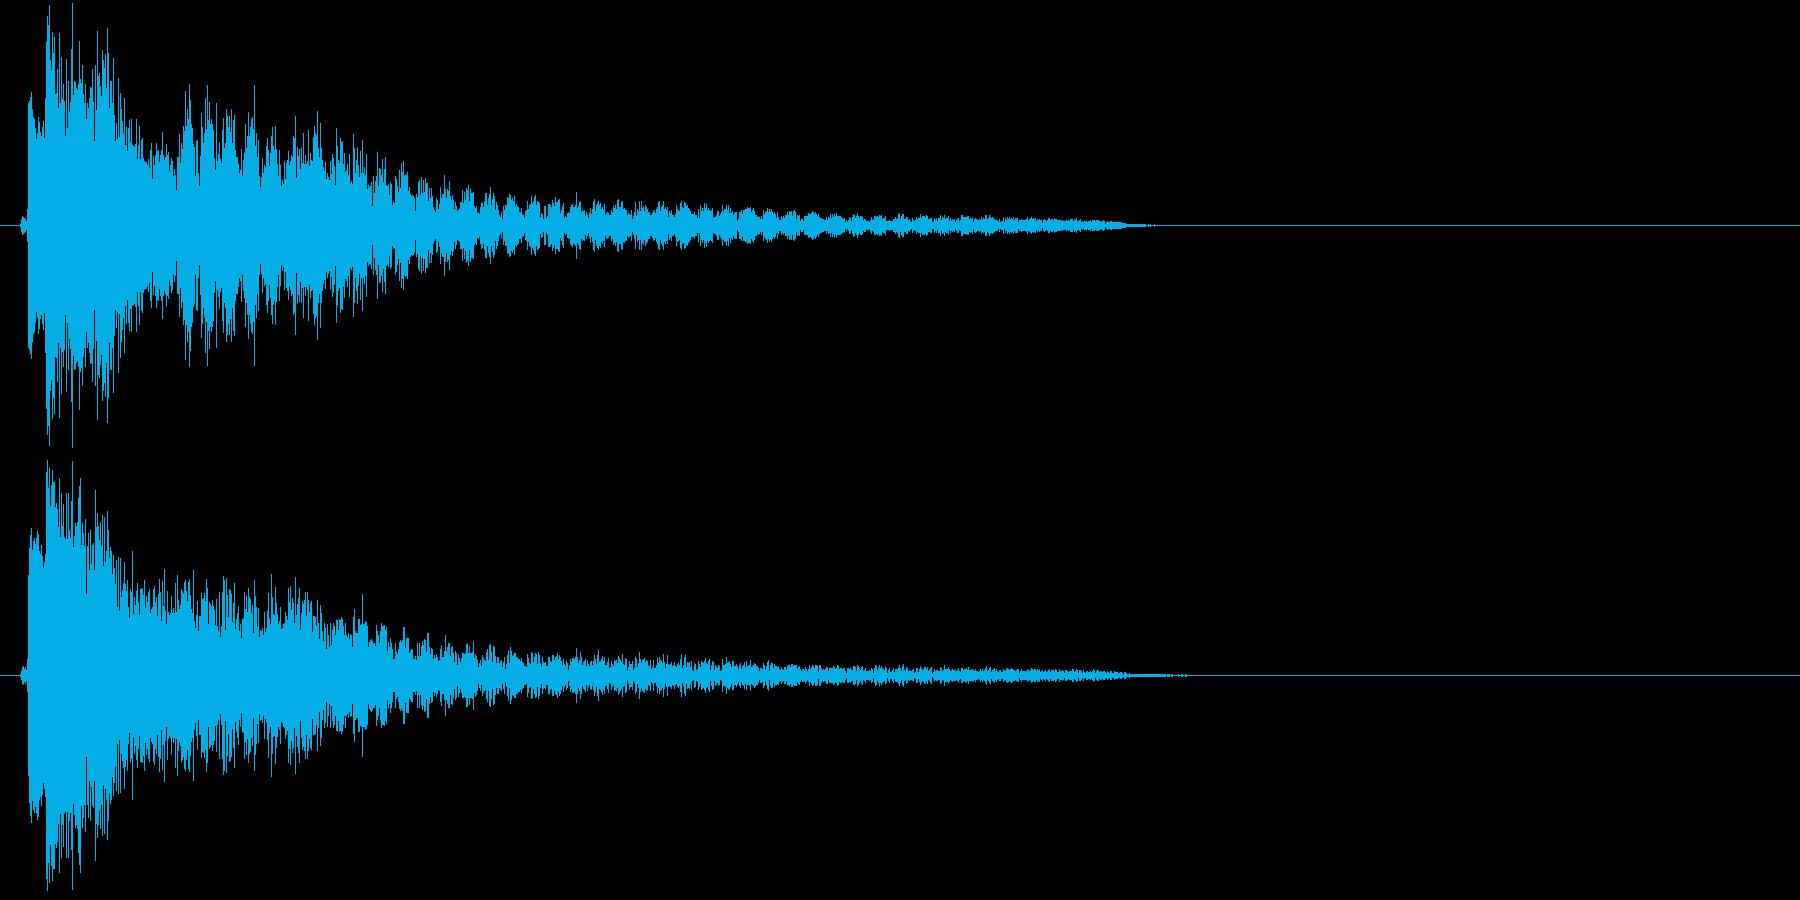 和風 琴 お正月 展開 料亭 02の再生済みの波形